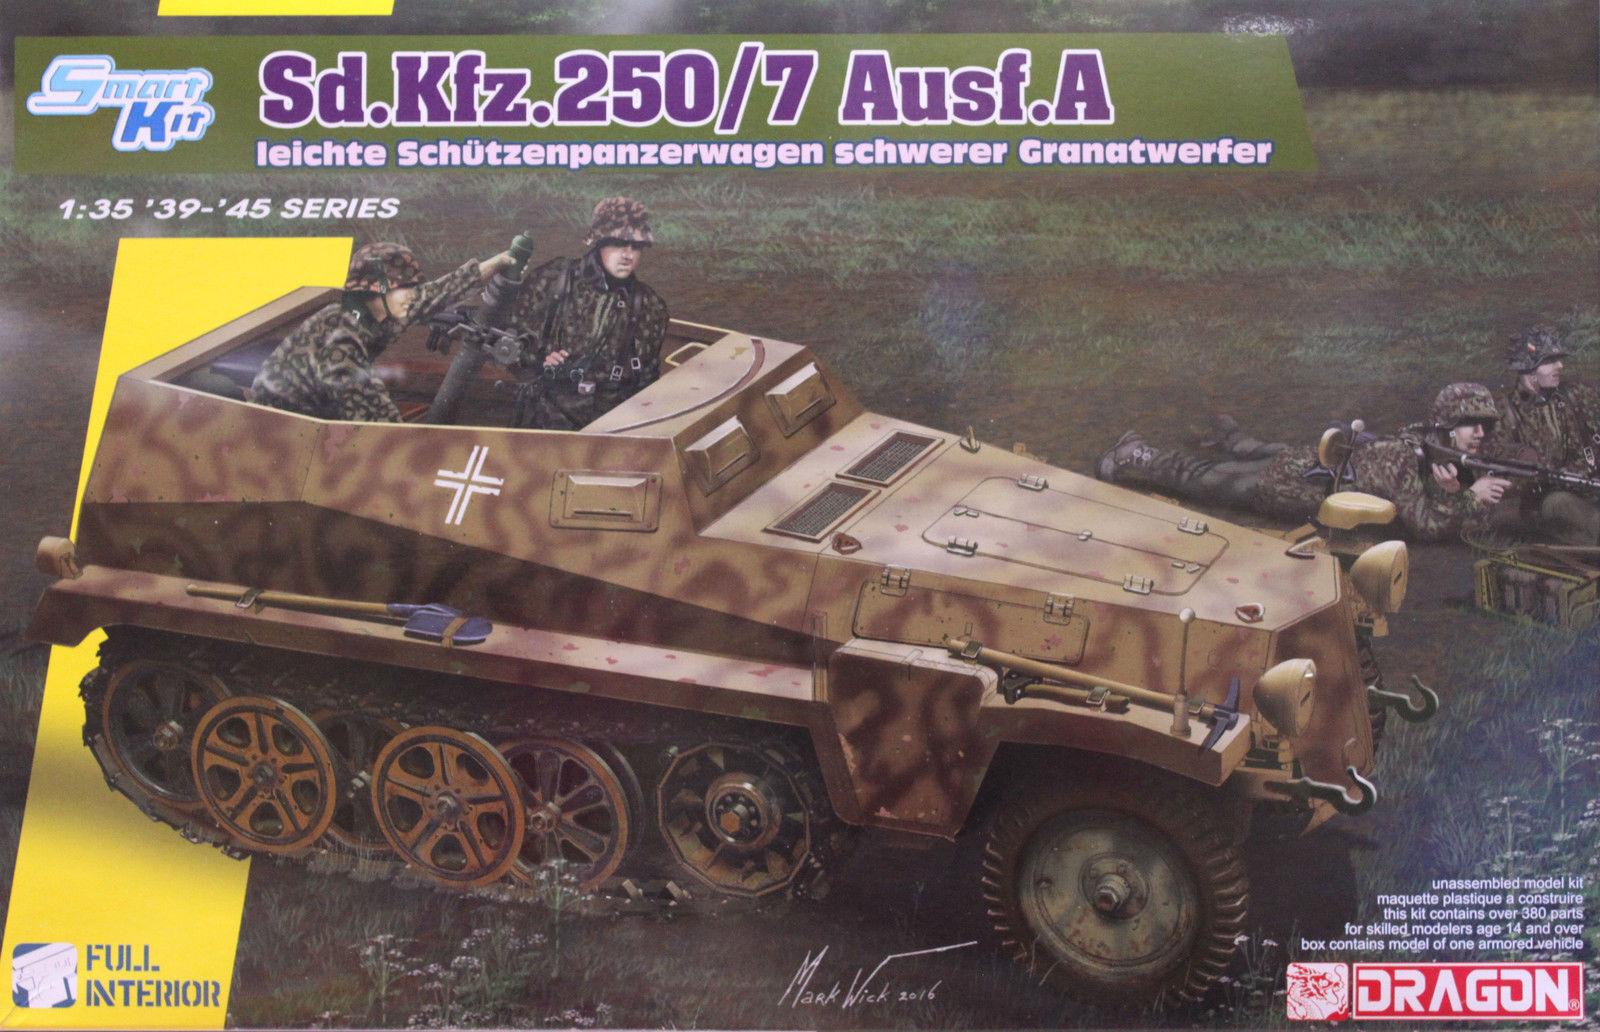 venta al por mayor barato Dragon Sd.Kfz.250 7 Ausf.a Ausf.a Ausf.a Coche Blindada Lanzagranadas 1  3 5 Kit Construcción  Tienda de moda y compras online.